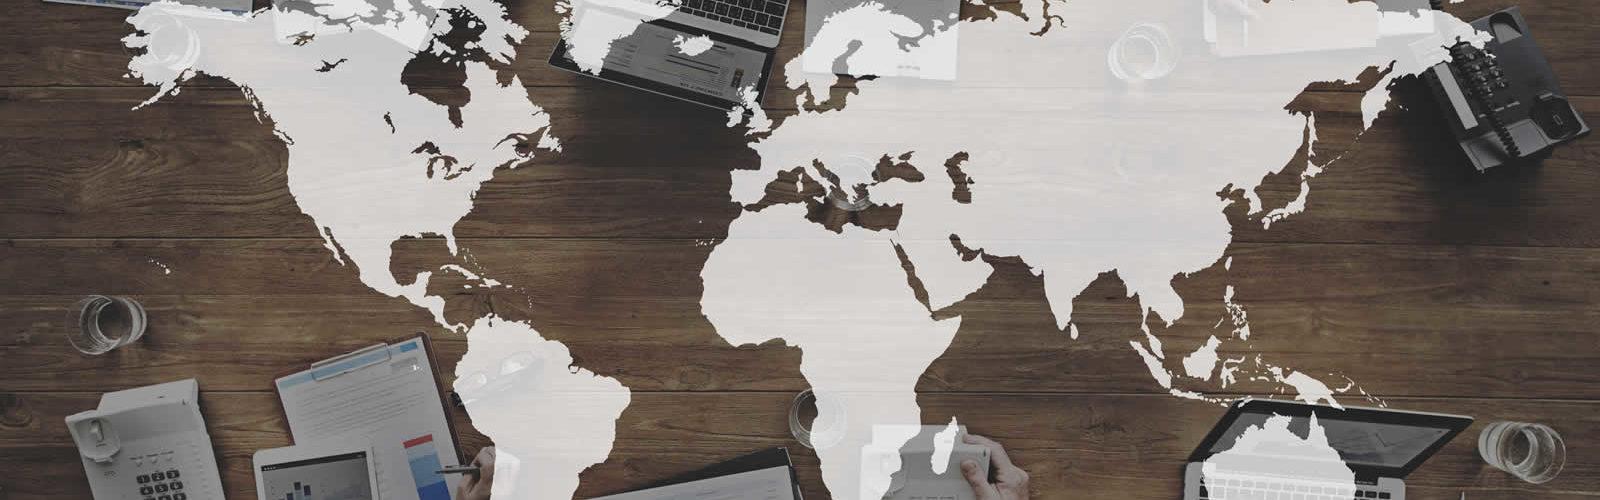 creation-entreprise-entrepreneur-fiscalites-meilleurs-pays-une